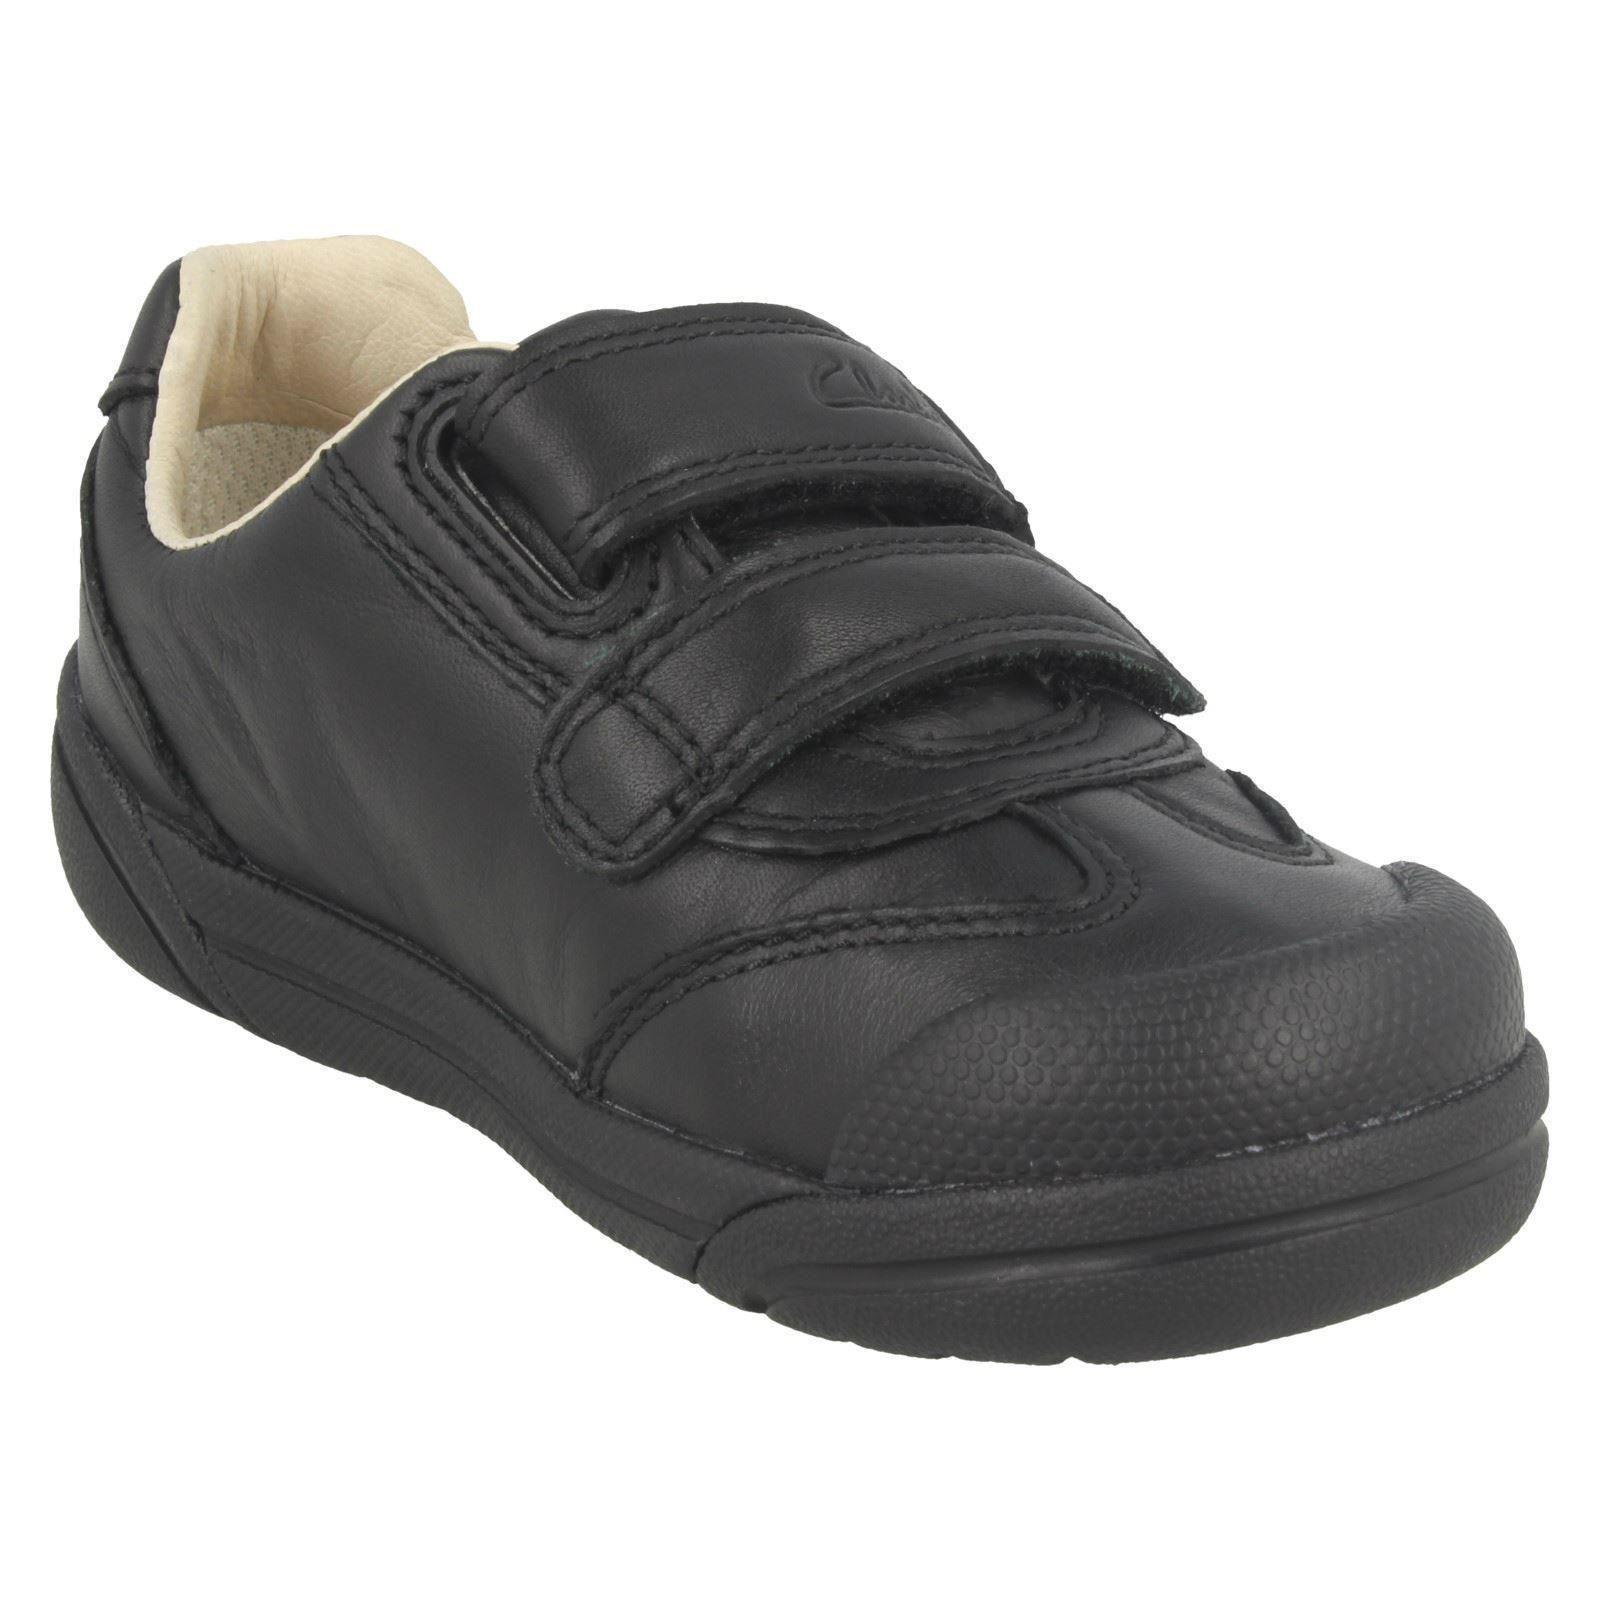 Chicos Clarks Zapatos Informales de Cuero Inteligente Escuela lilfolk Zoo